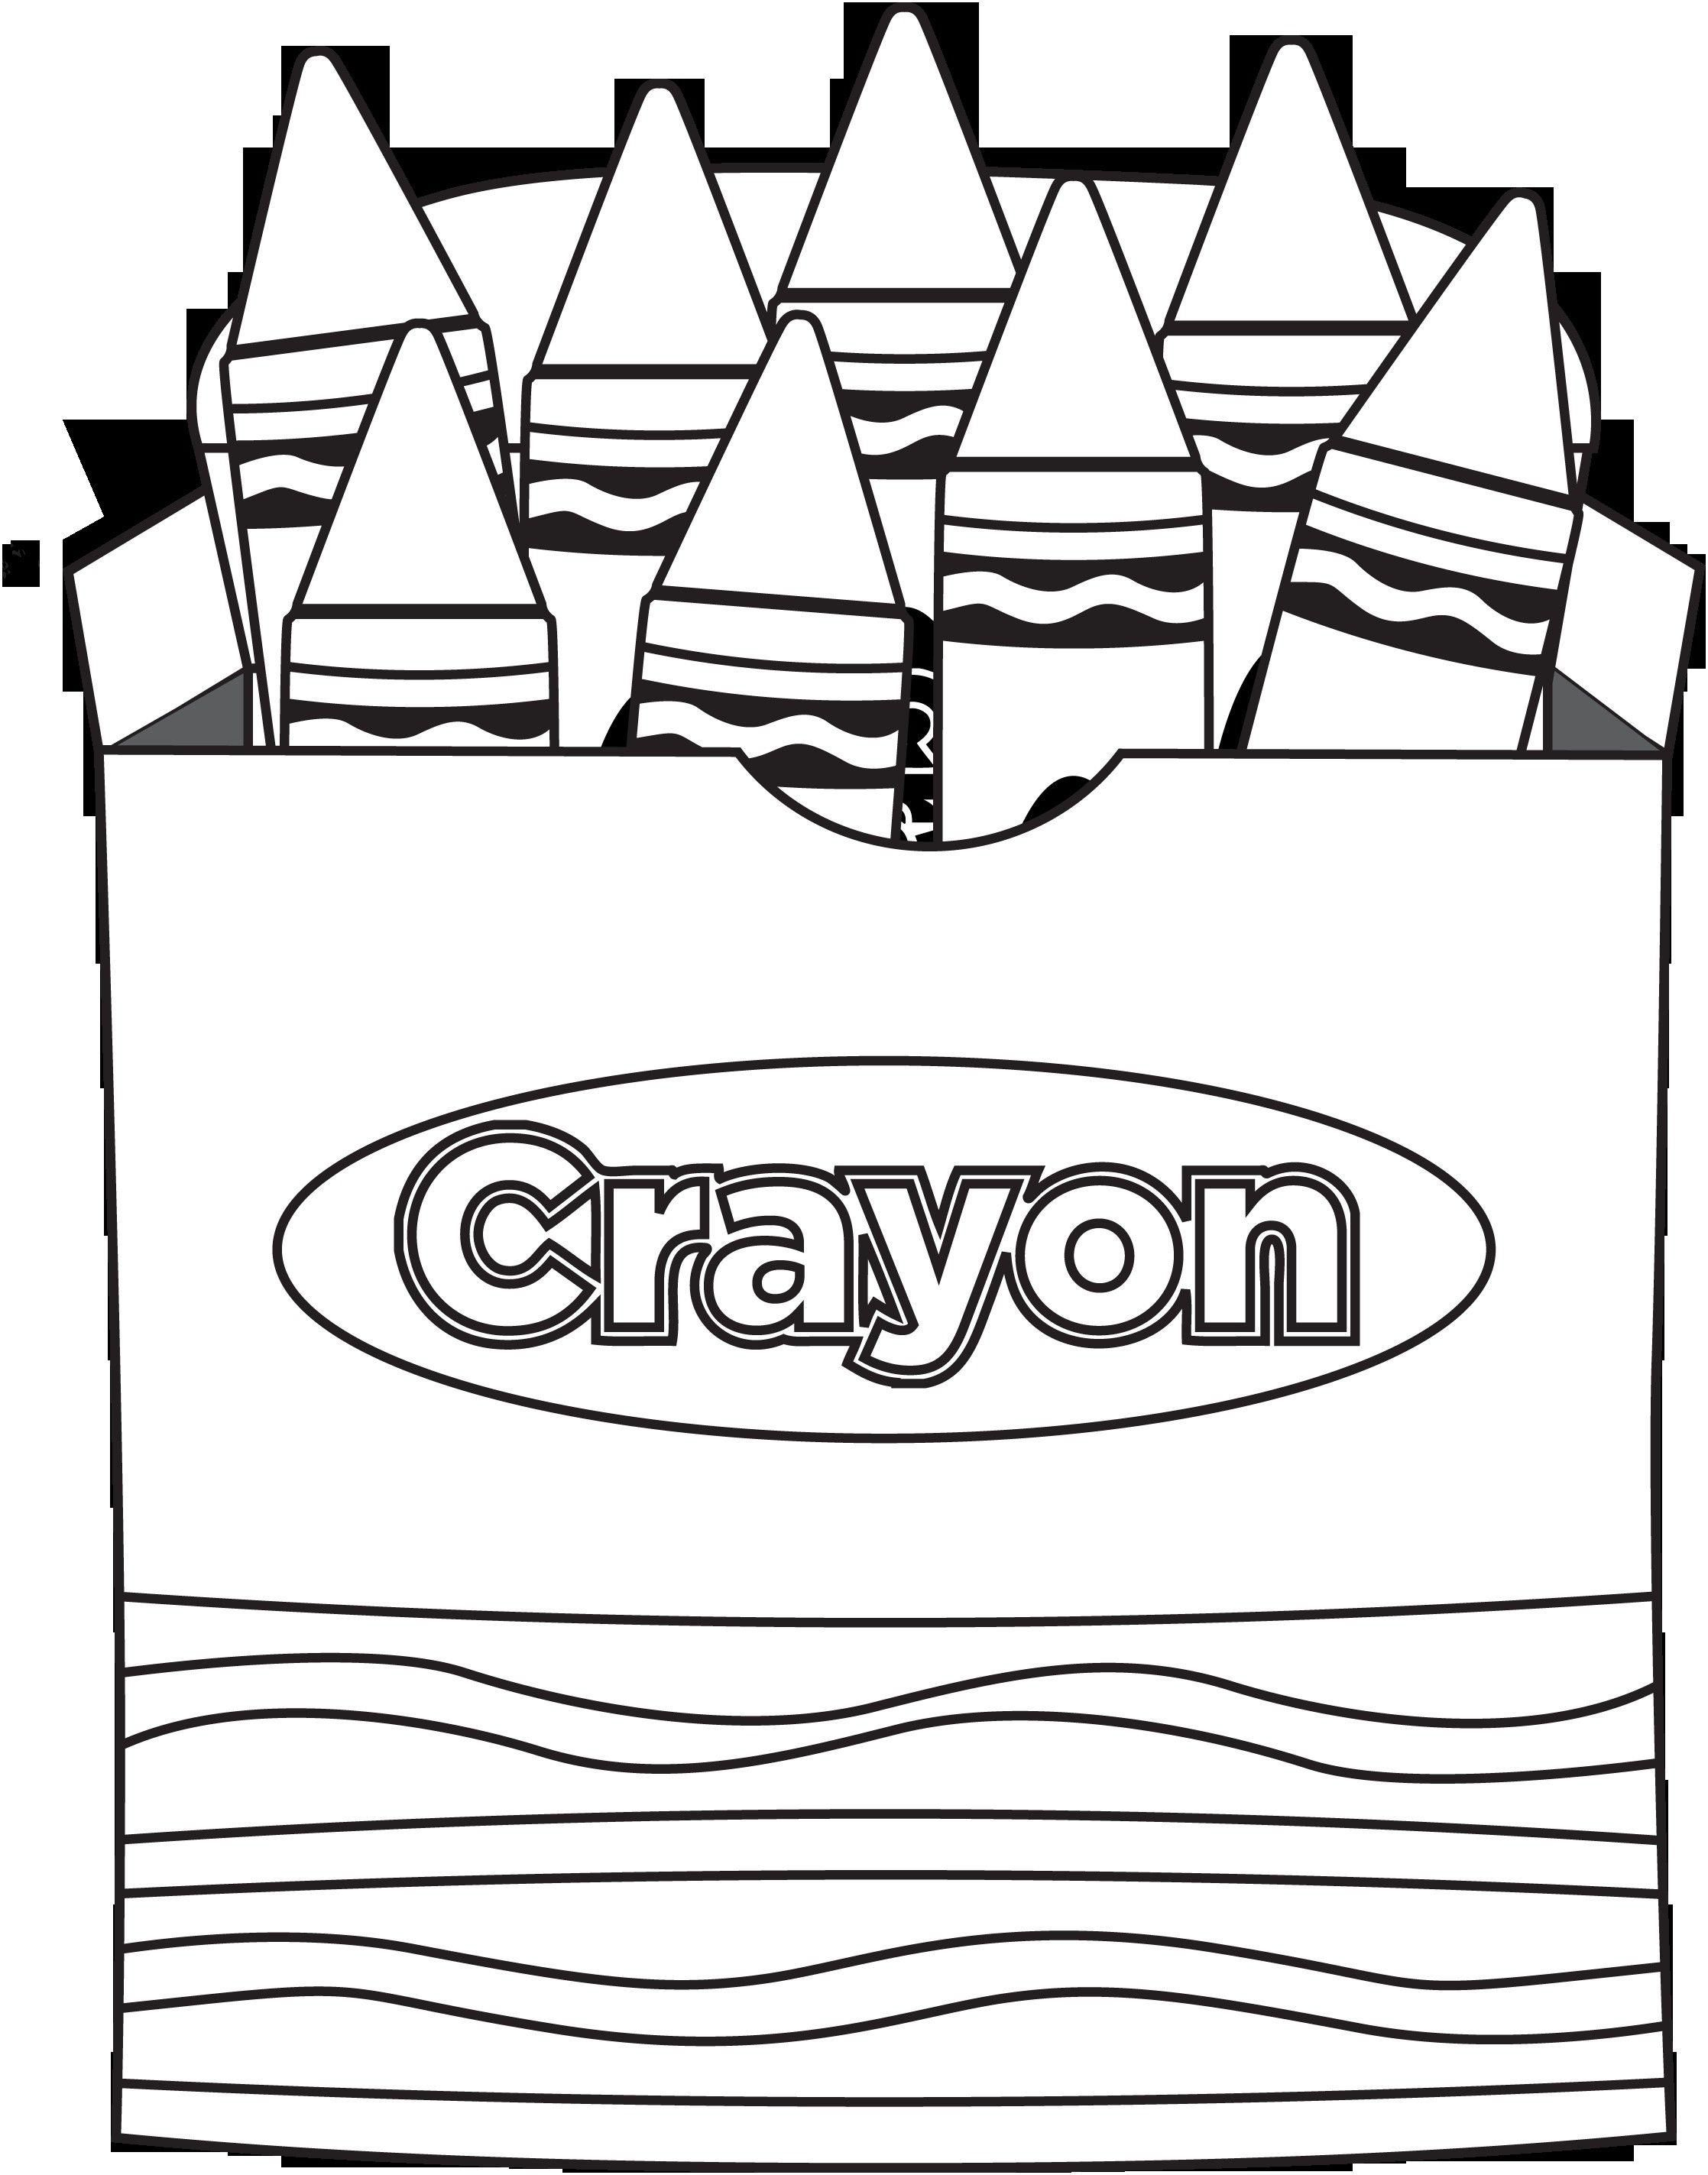 8 Coloring Page Crayon Kindergarten Coloring Pages Coloring Pages Kindergarten Coloring Sheets